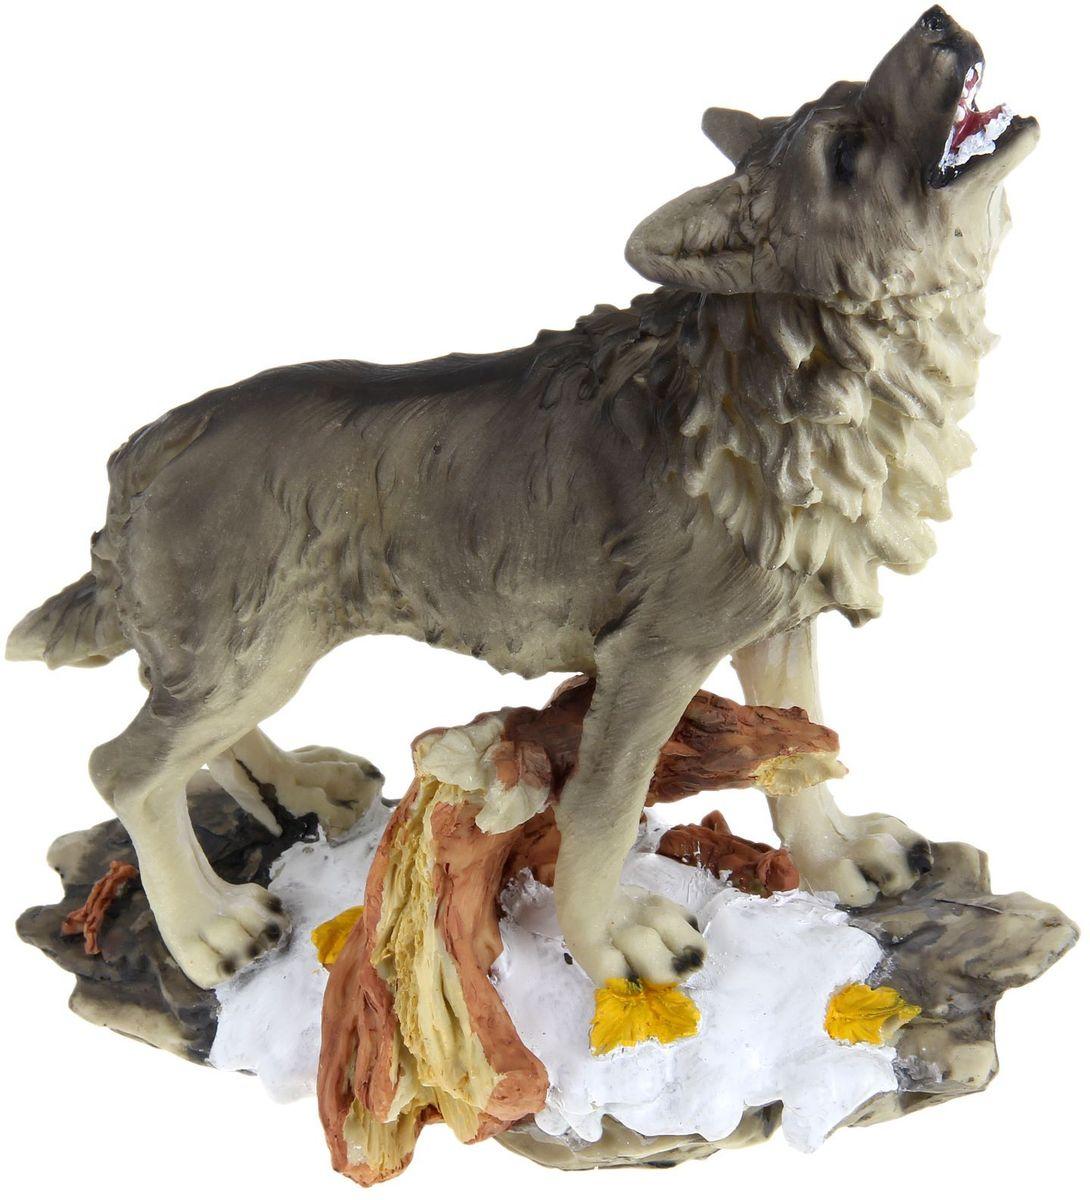 Фигура садовая Воющий волк, 24 х 11 х 28 смRSP-202SСад — гордость дачника. Сделайте любимый участок ещё наряднее! Украсьте его оригинальной фигуркой из долговечного материала. Она обновит привычный ландшафт и сделает его неповторимым. Фигурку можно использовать не только в качестве декора садового участка, но и в качестве сувенира для дома. Эффектно украсьте прихожую, чтобы приятно удивить гостей, или сделайте уютнее зелёный уголок, дополнив его этой скульптурой.